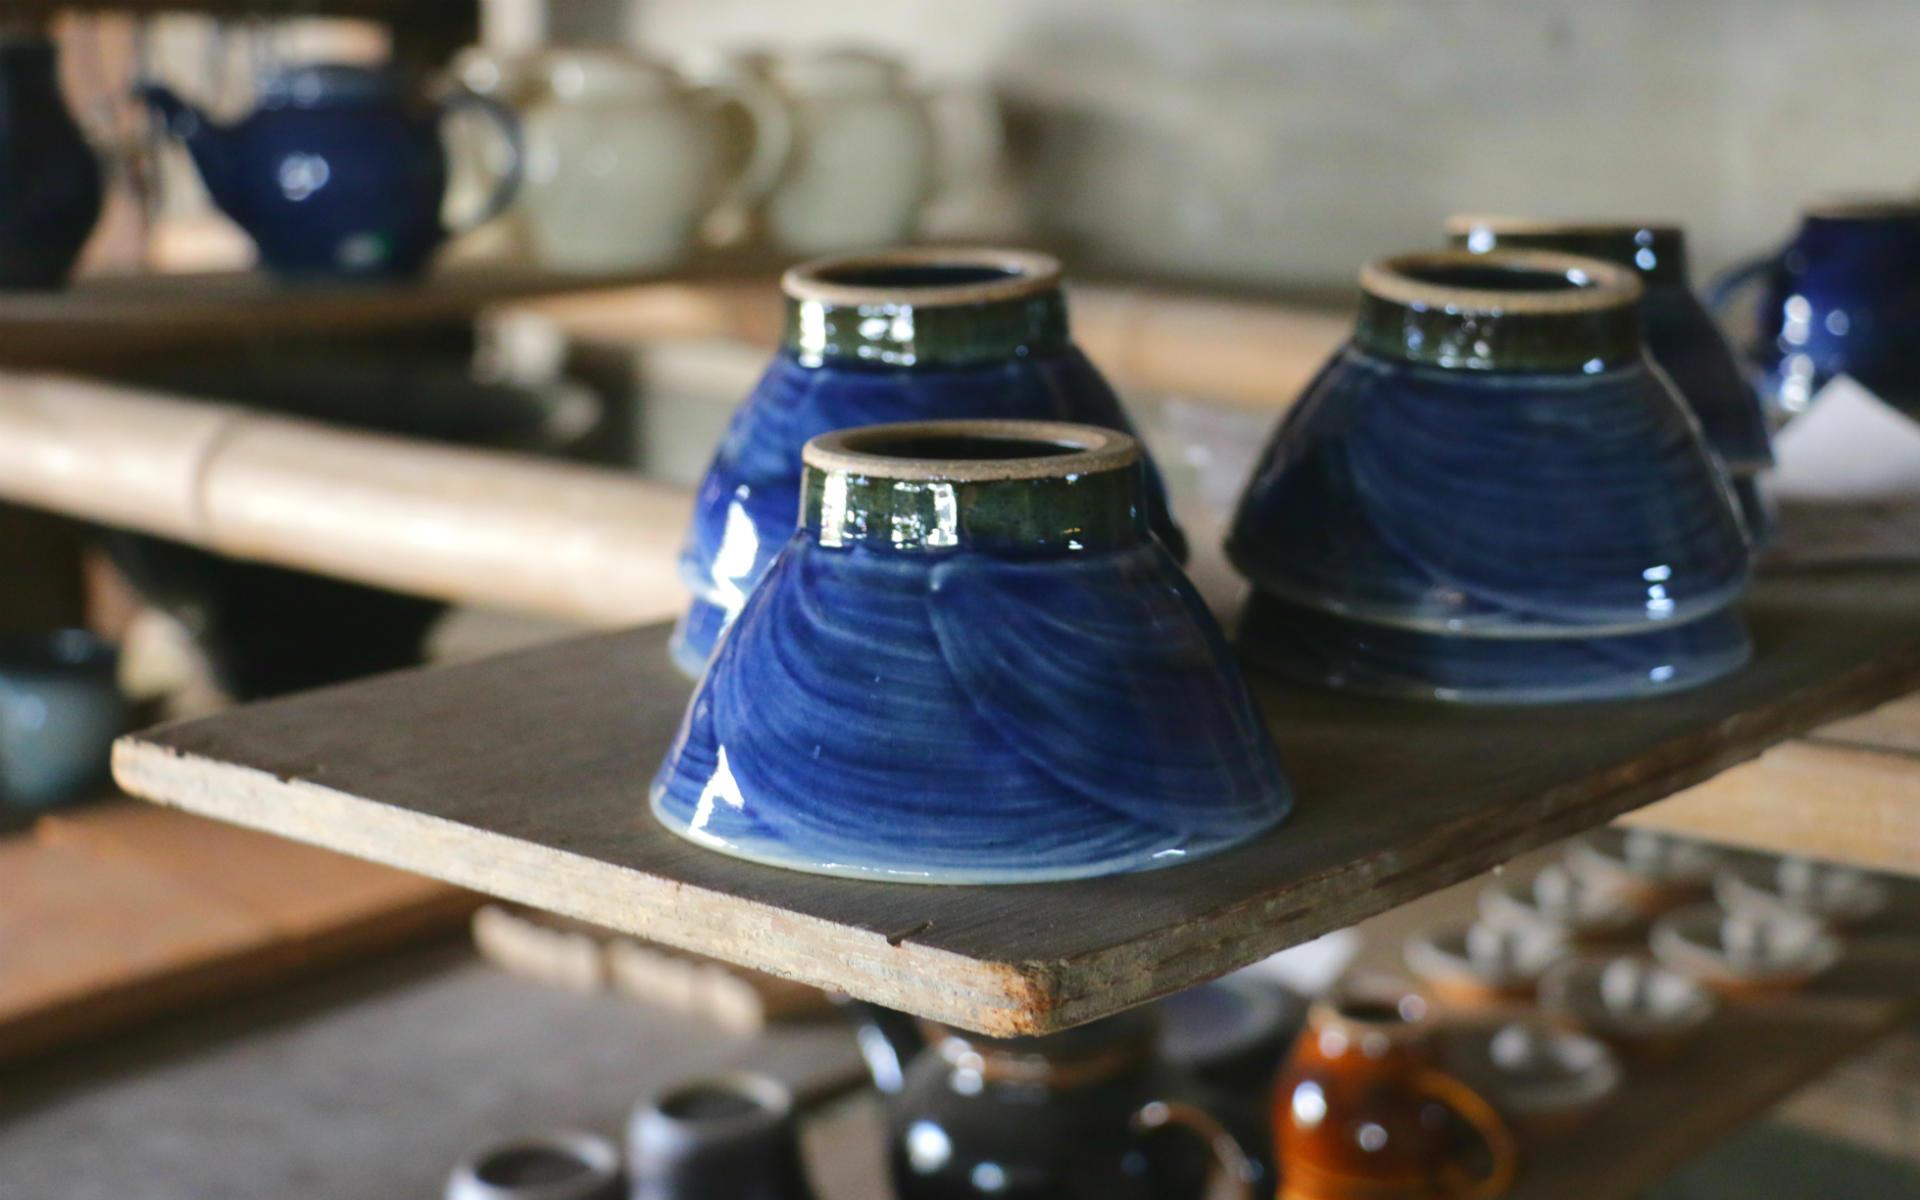 はじめて買う「出西窯」5つの楽しみ方。作り手と会話して選ぶ楽しさを、出雲で味わう